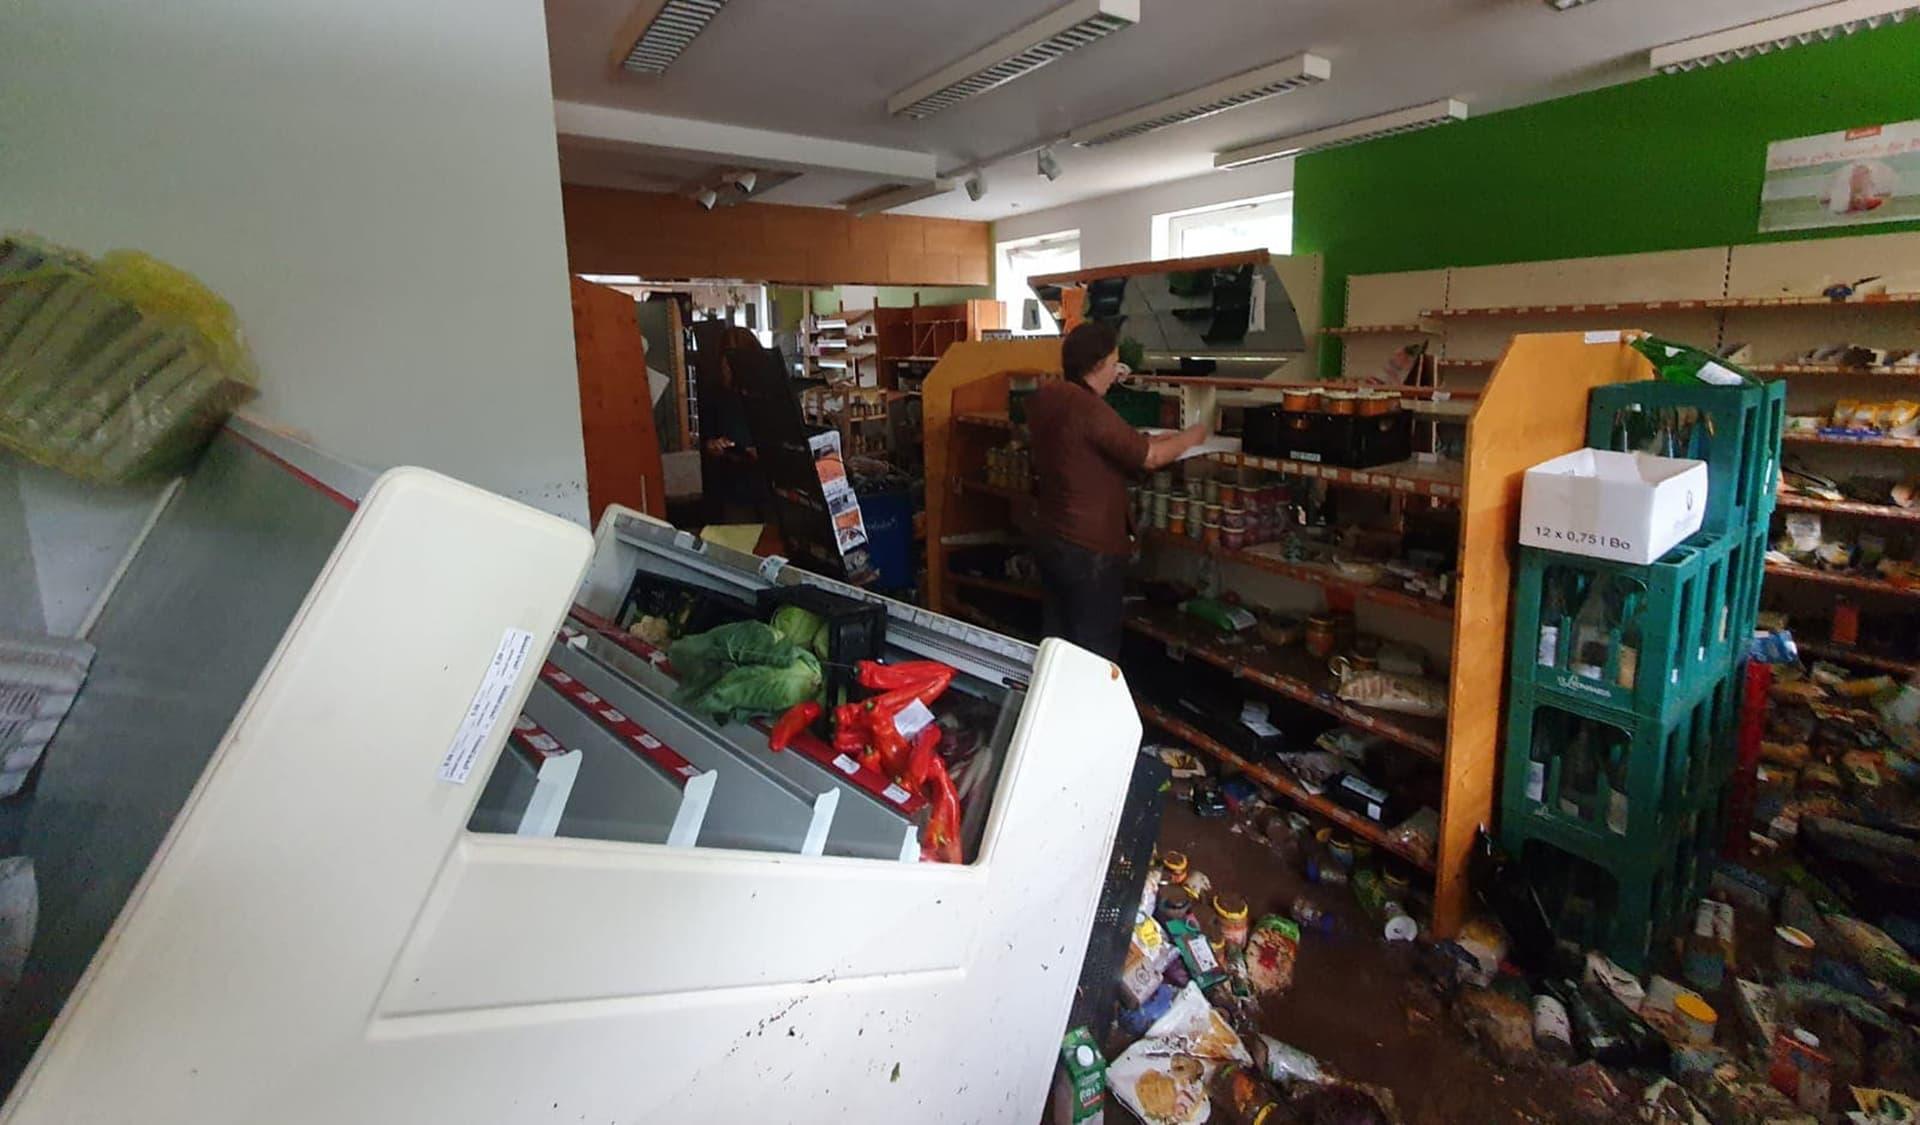 Hochwasser im Ladenlokal Naturkost Eifel